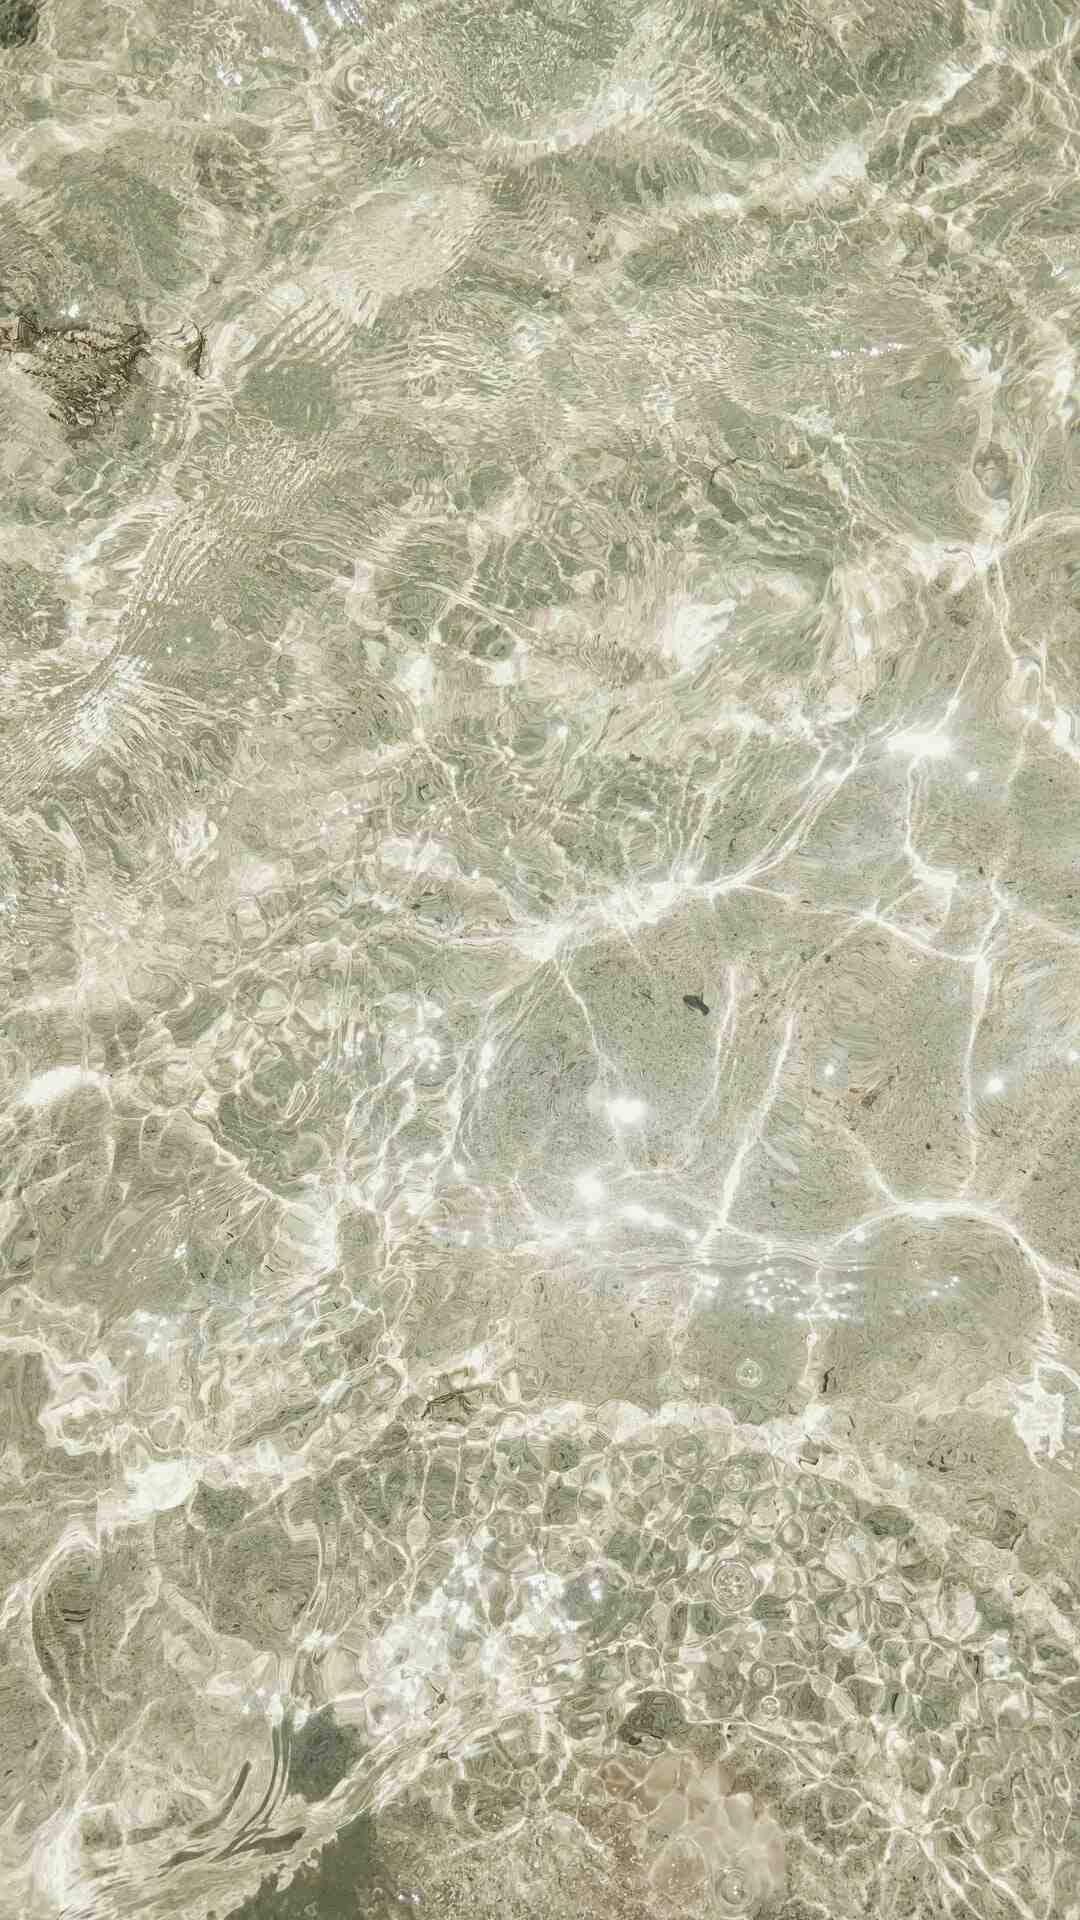 Comment nettoyer du marbre